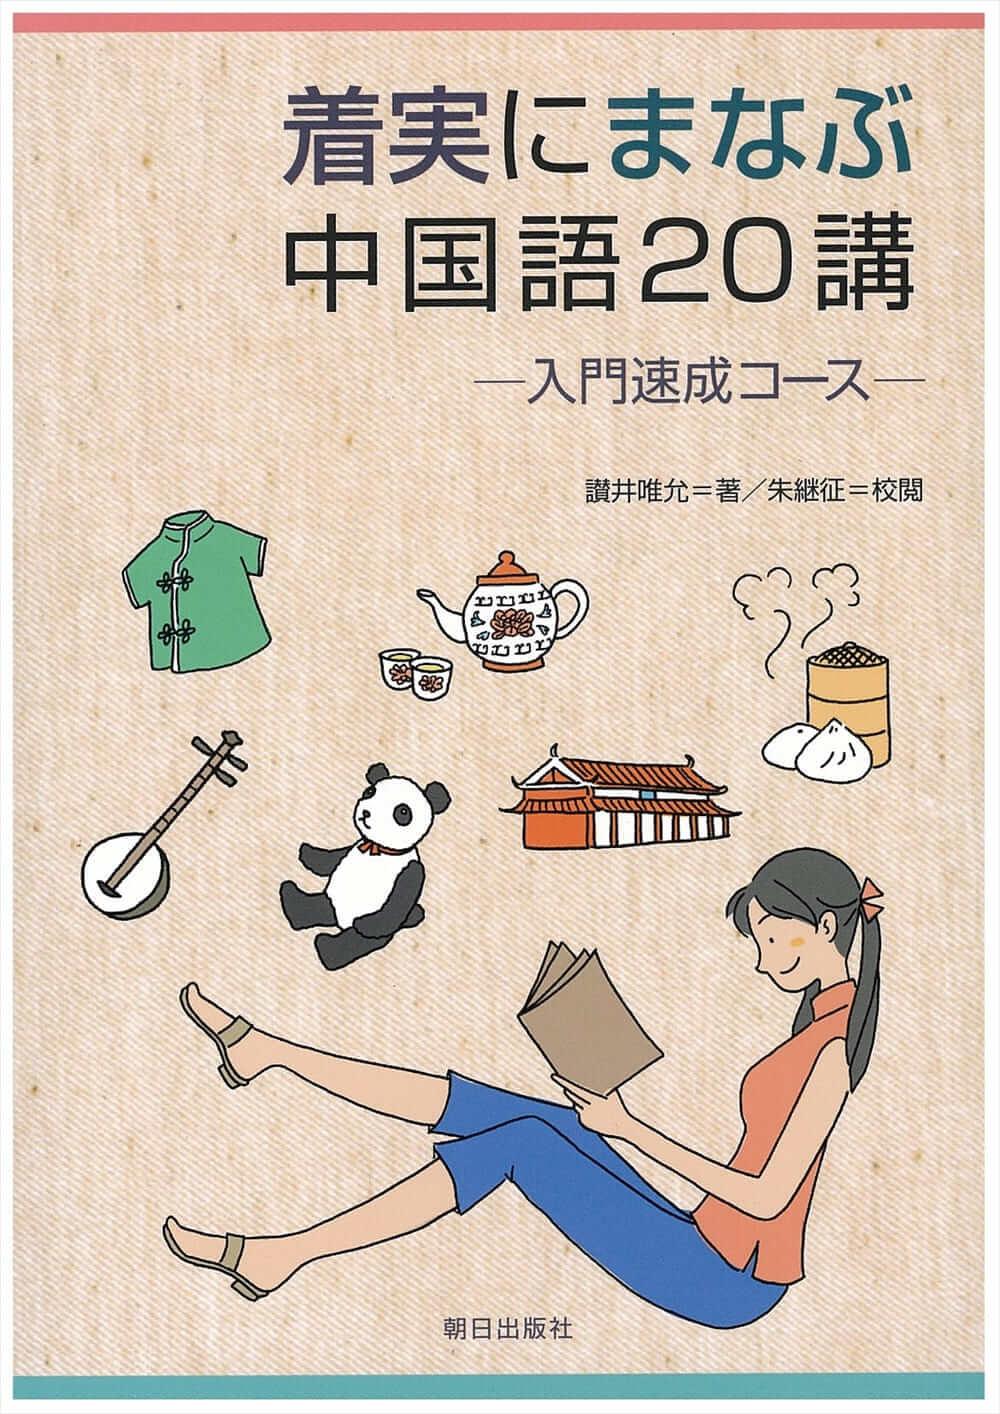 着実にまなぶ中国語20講 | 教科書/中国語 | 朝日出版社